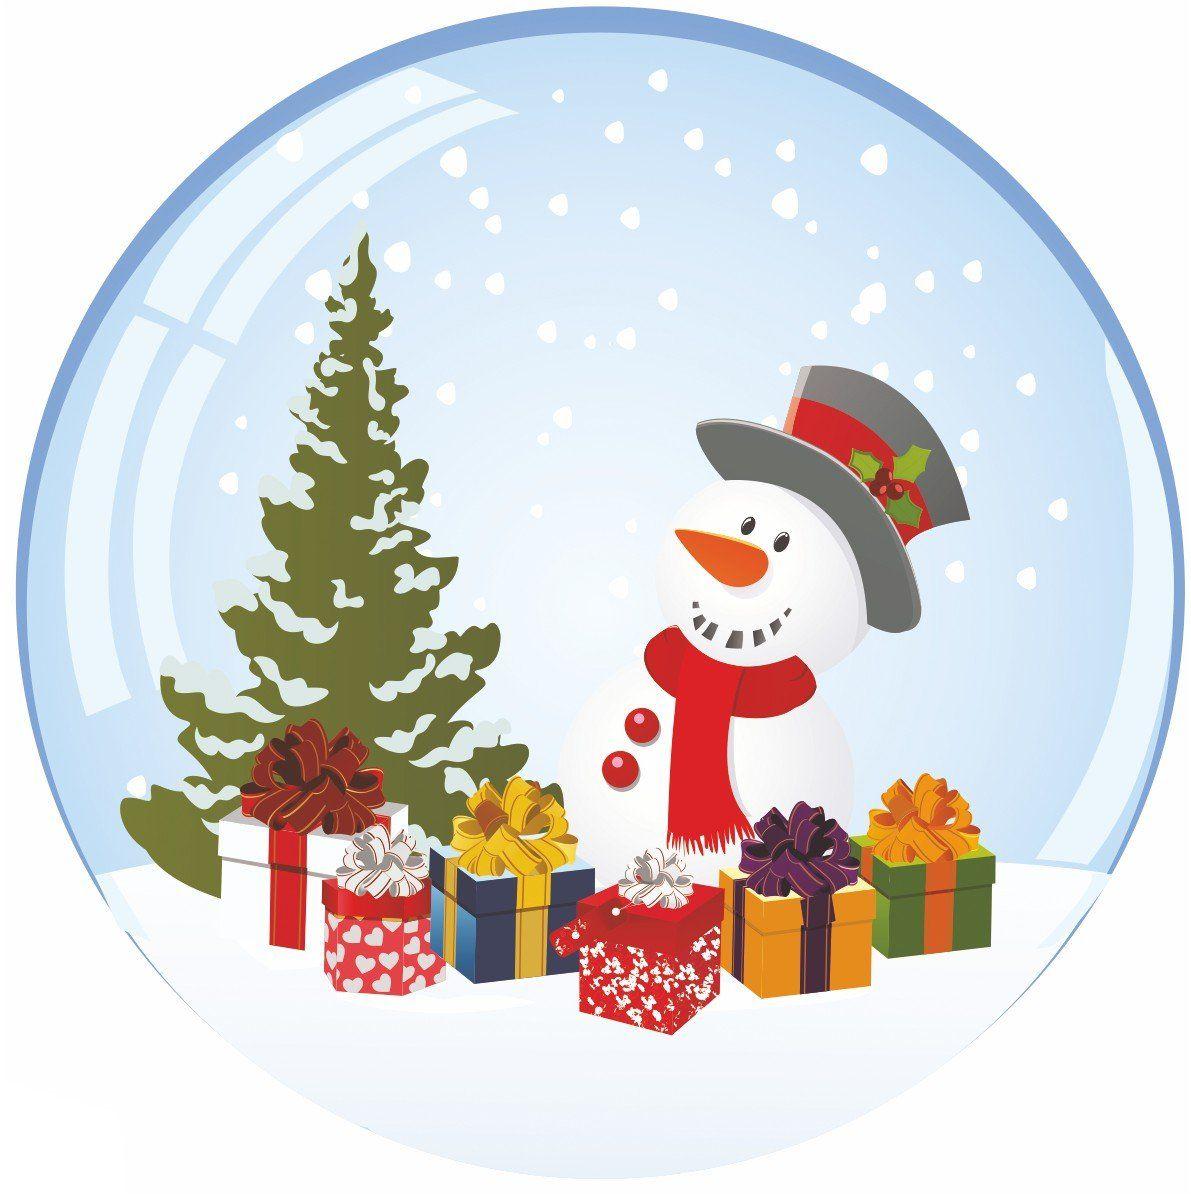 Мини-плакат вырубной Шарик-снеговик: 110х110 ммТовары для оформления и проведения праздника<br>.<br><br>Год: 2017<br>Серия: Вырубные фигуры для оформления<br>Высота: 110<br>Ширина: 110<br>Переплёт: набор